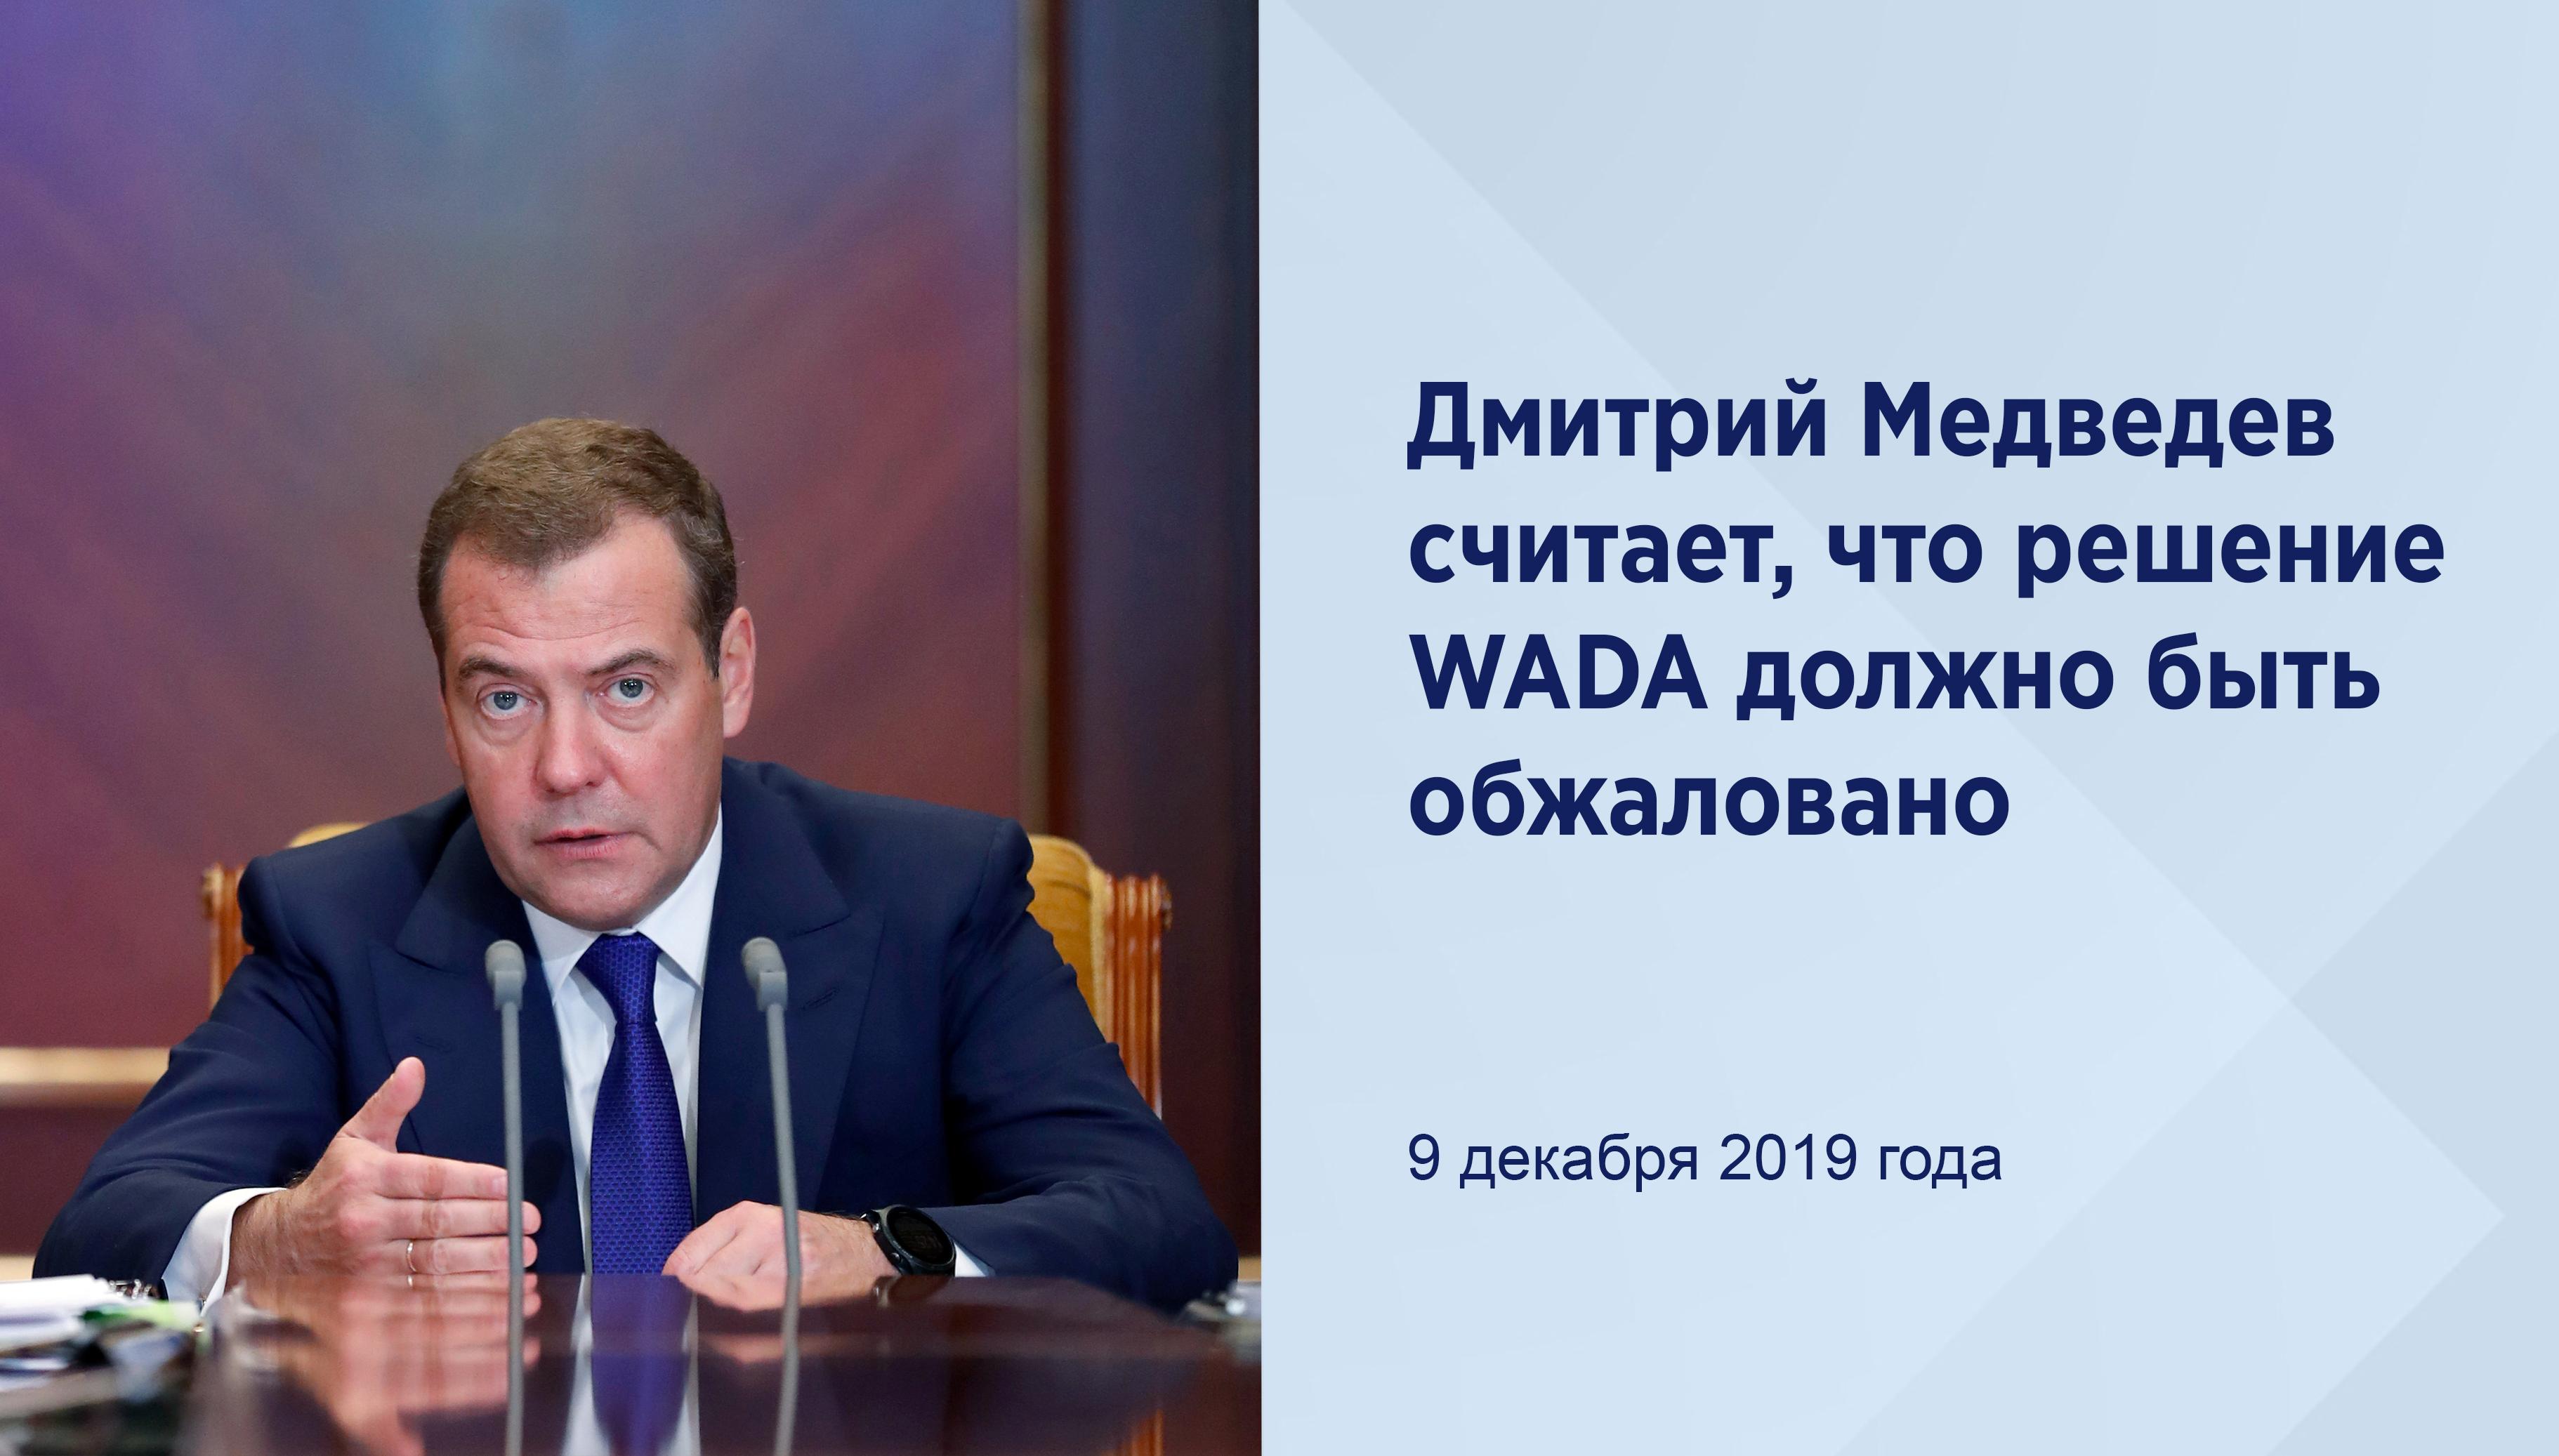 Медведев считает, что решение WADA должно быть обжаловано